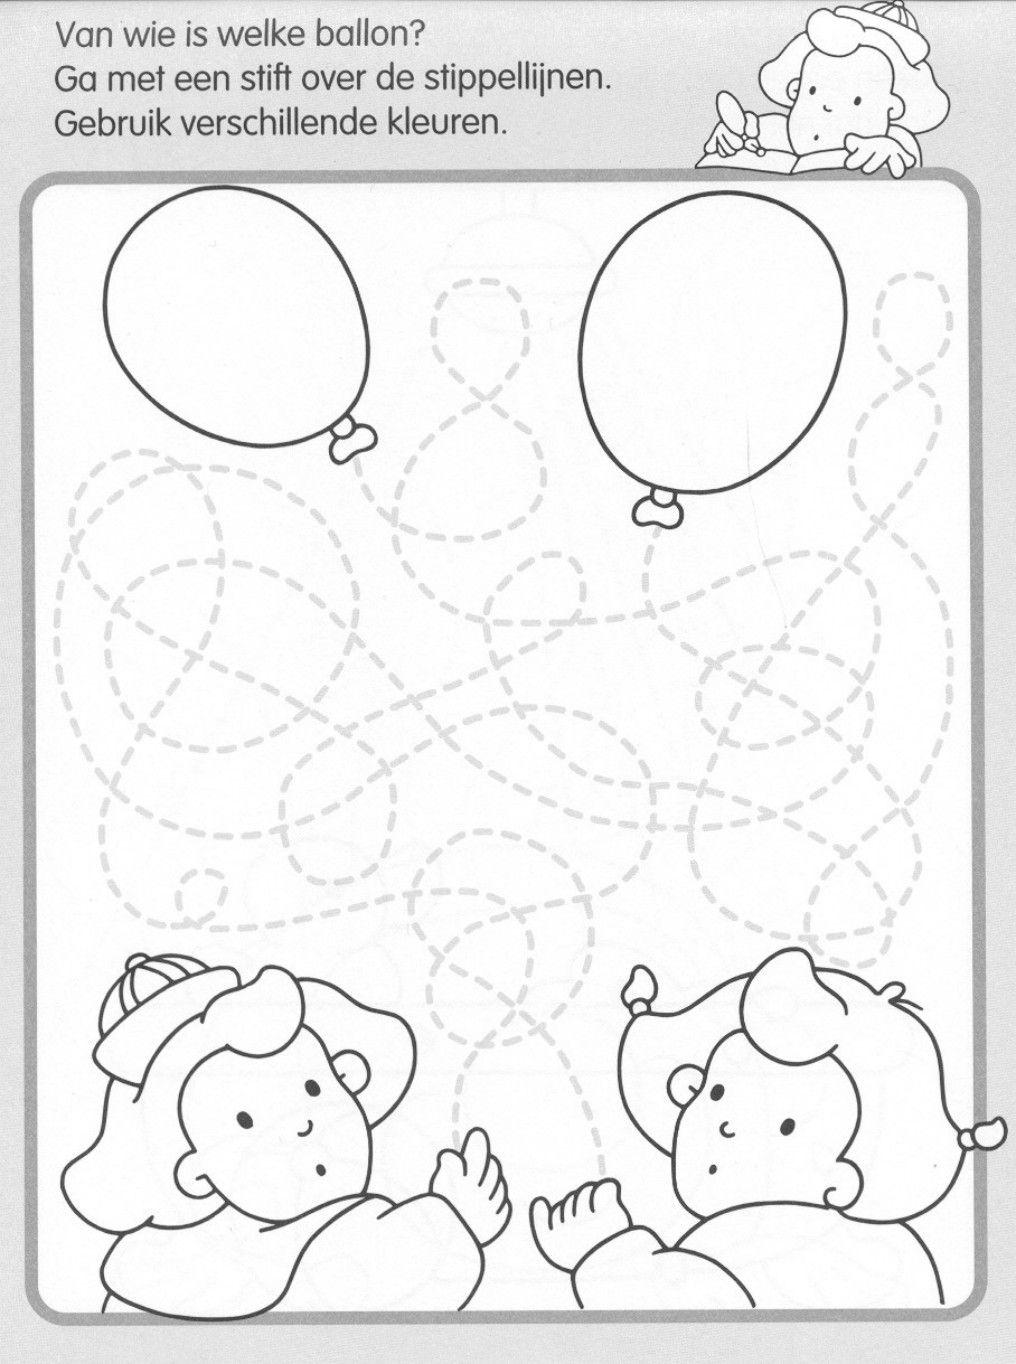 Vs Meisjesballon Jpg 1016 1364 Thema Ballonnen Kermis Thema